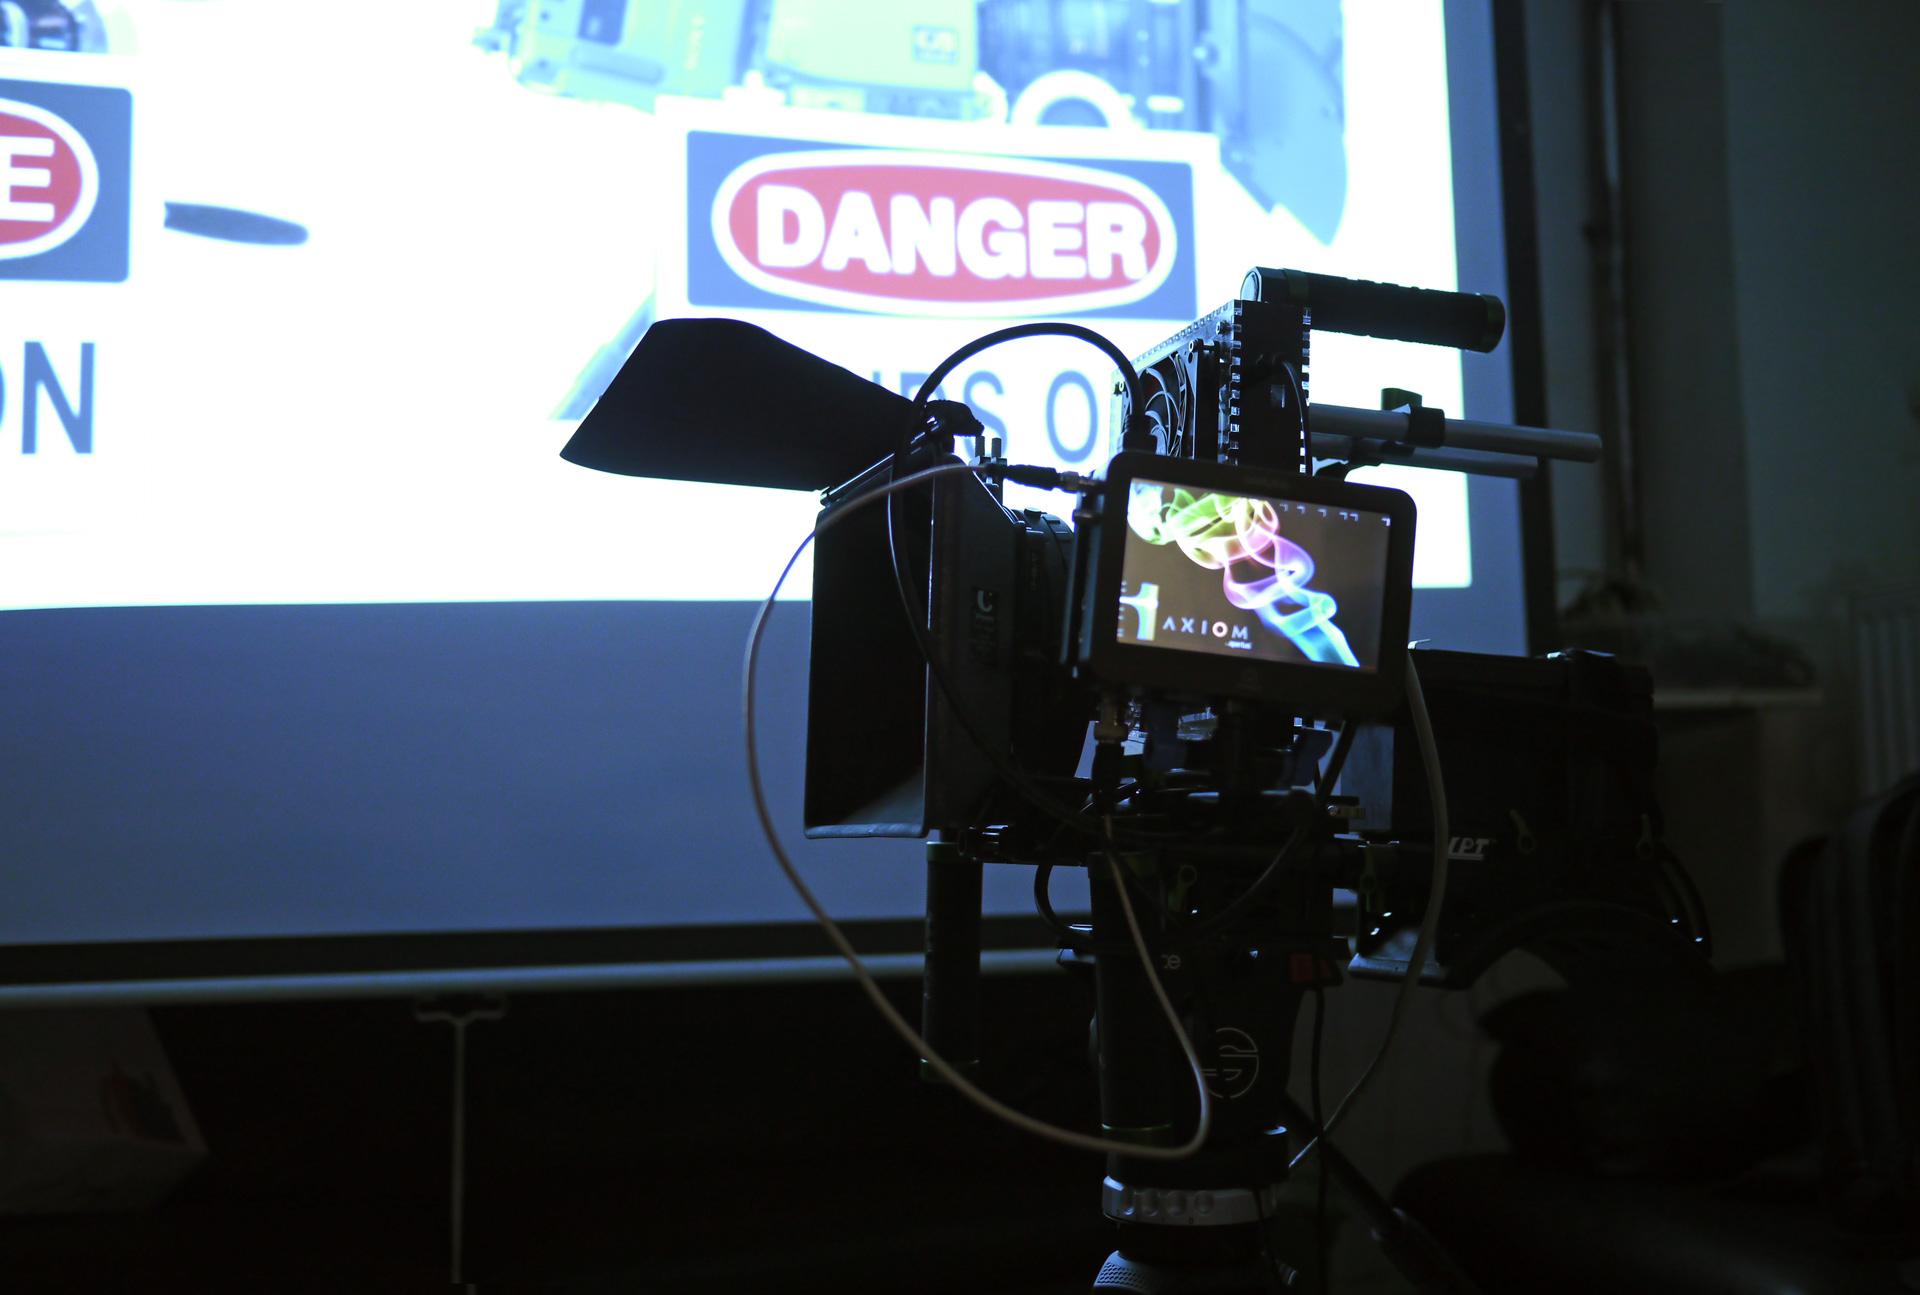 AXIOM (camera) - Wikipedia